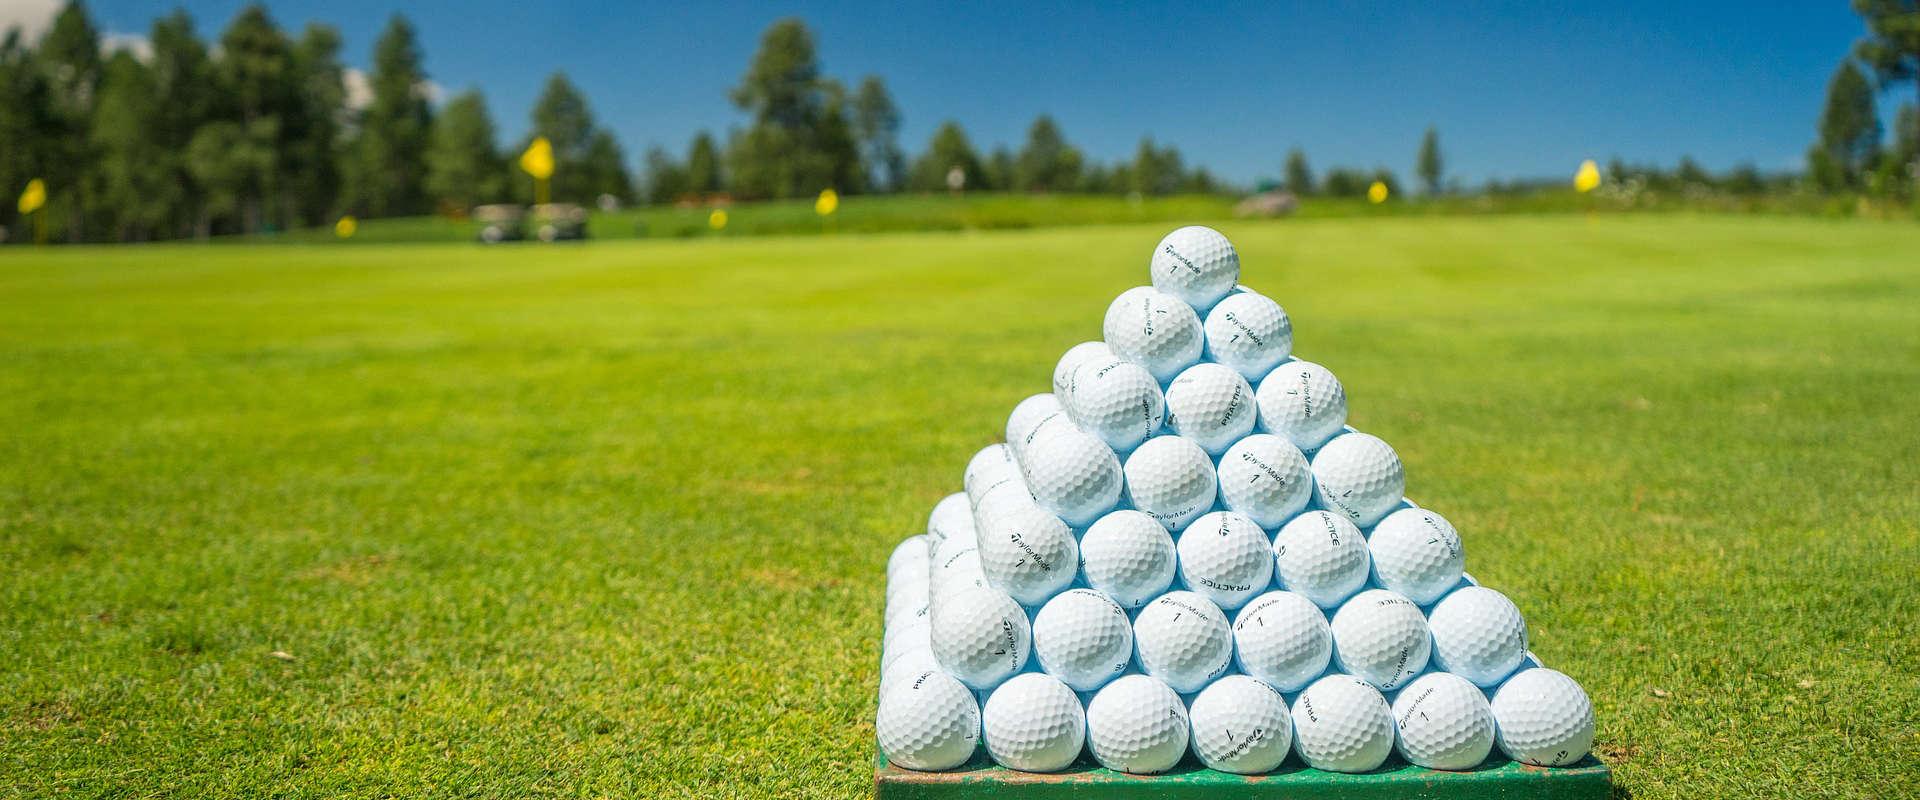 Prix pour équipement de golf, accessoires de golf et terrain de golf